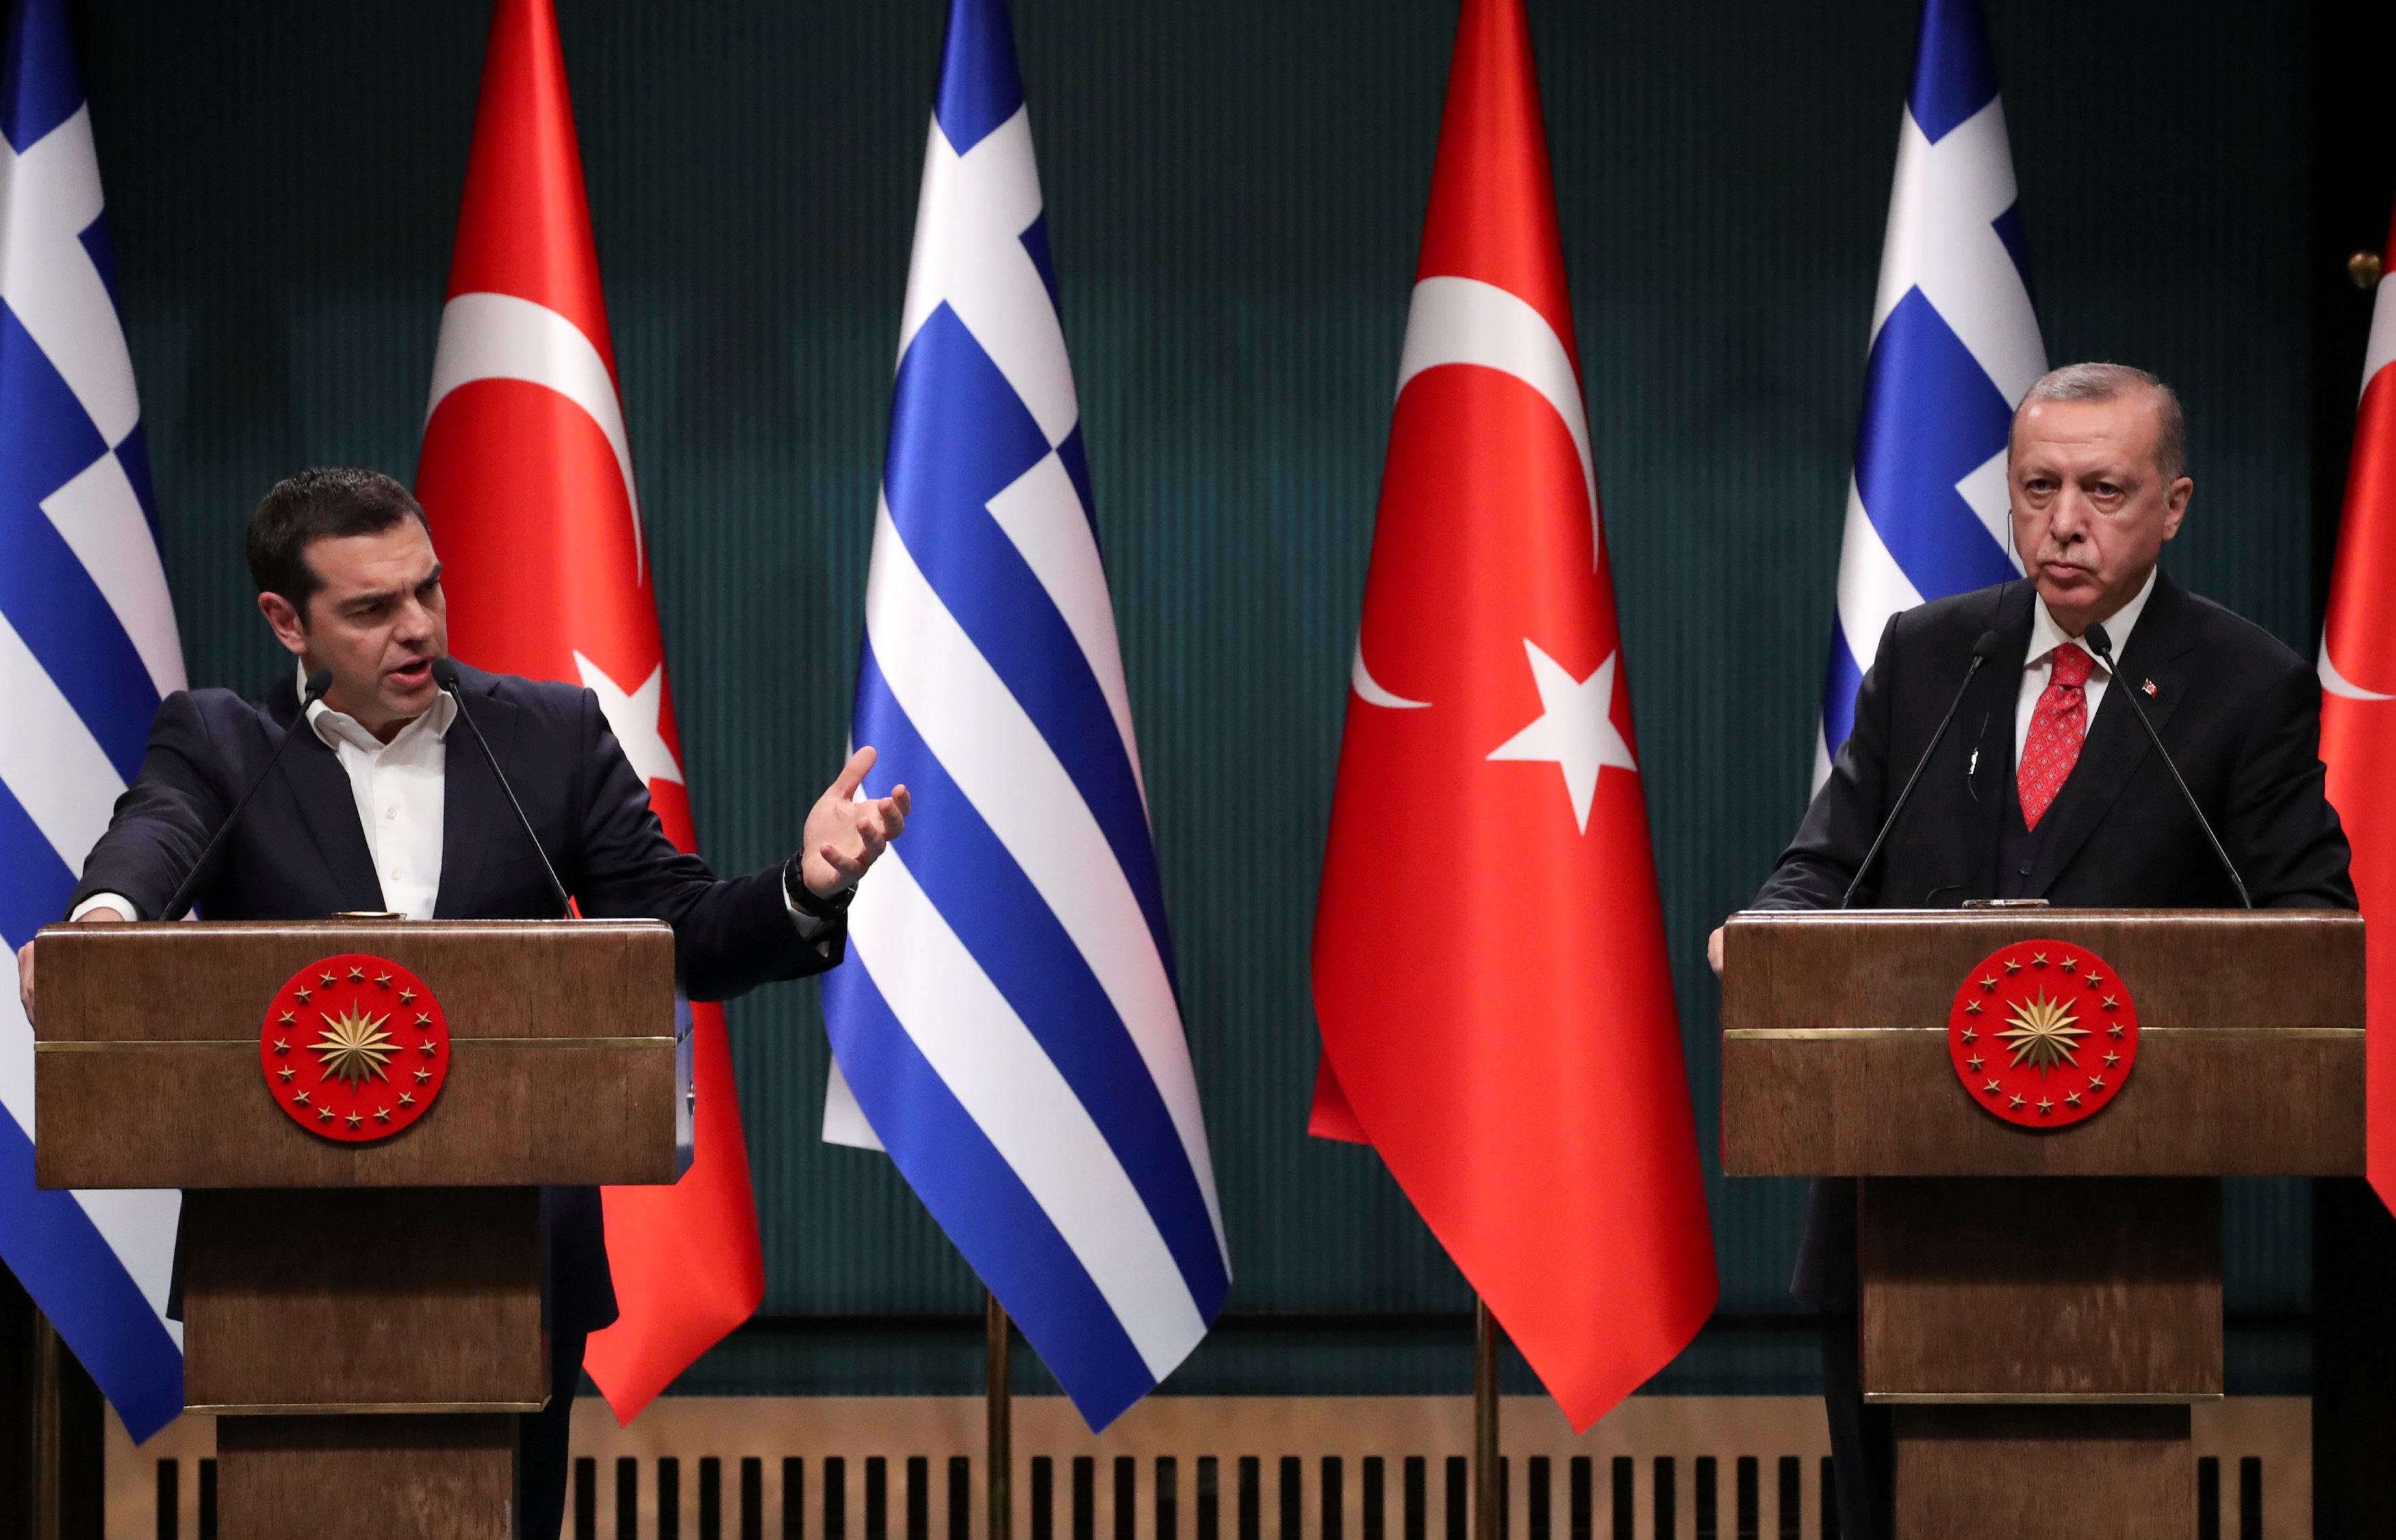 Türkiye ile güven oluşturmak için yapılan toplantı: Yunanistan